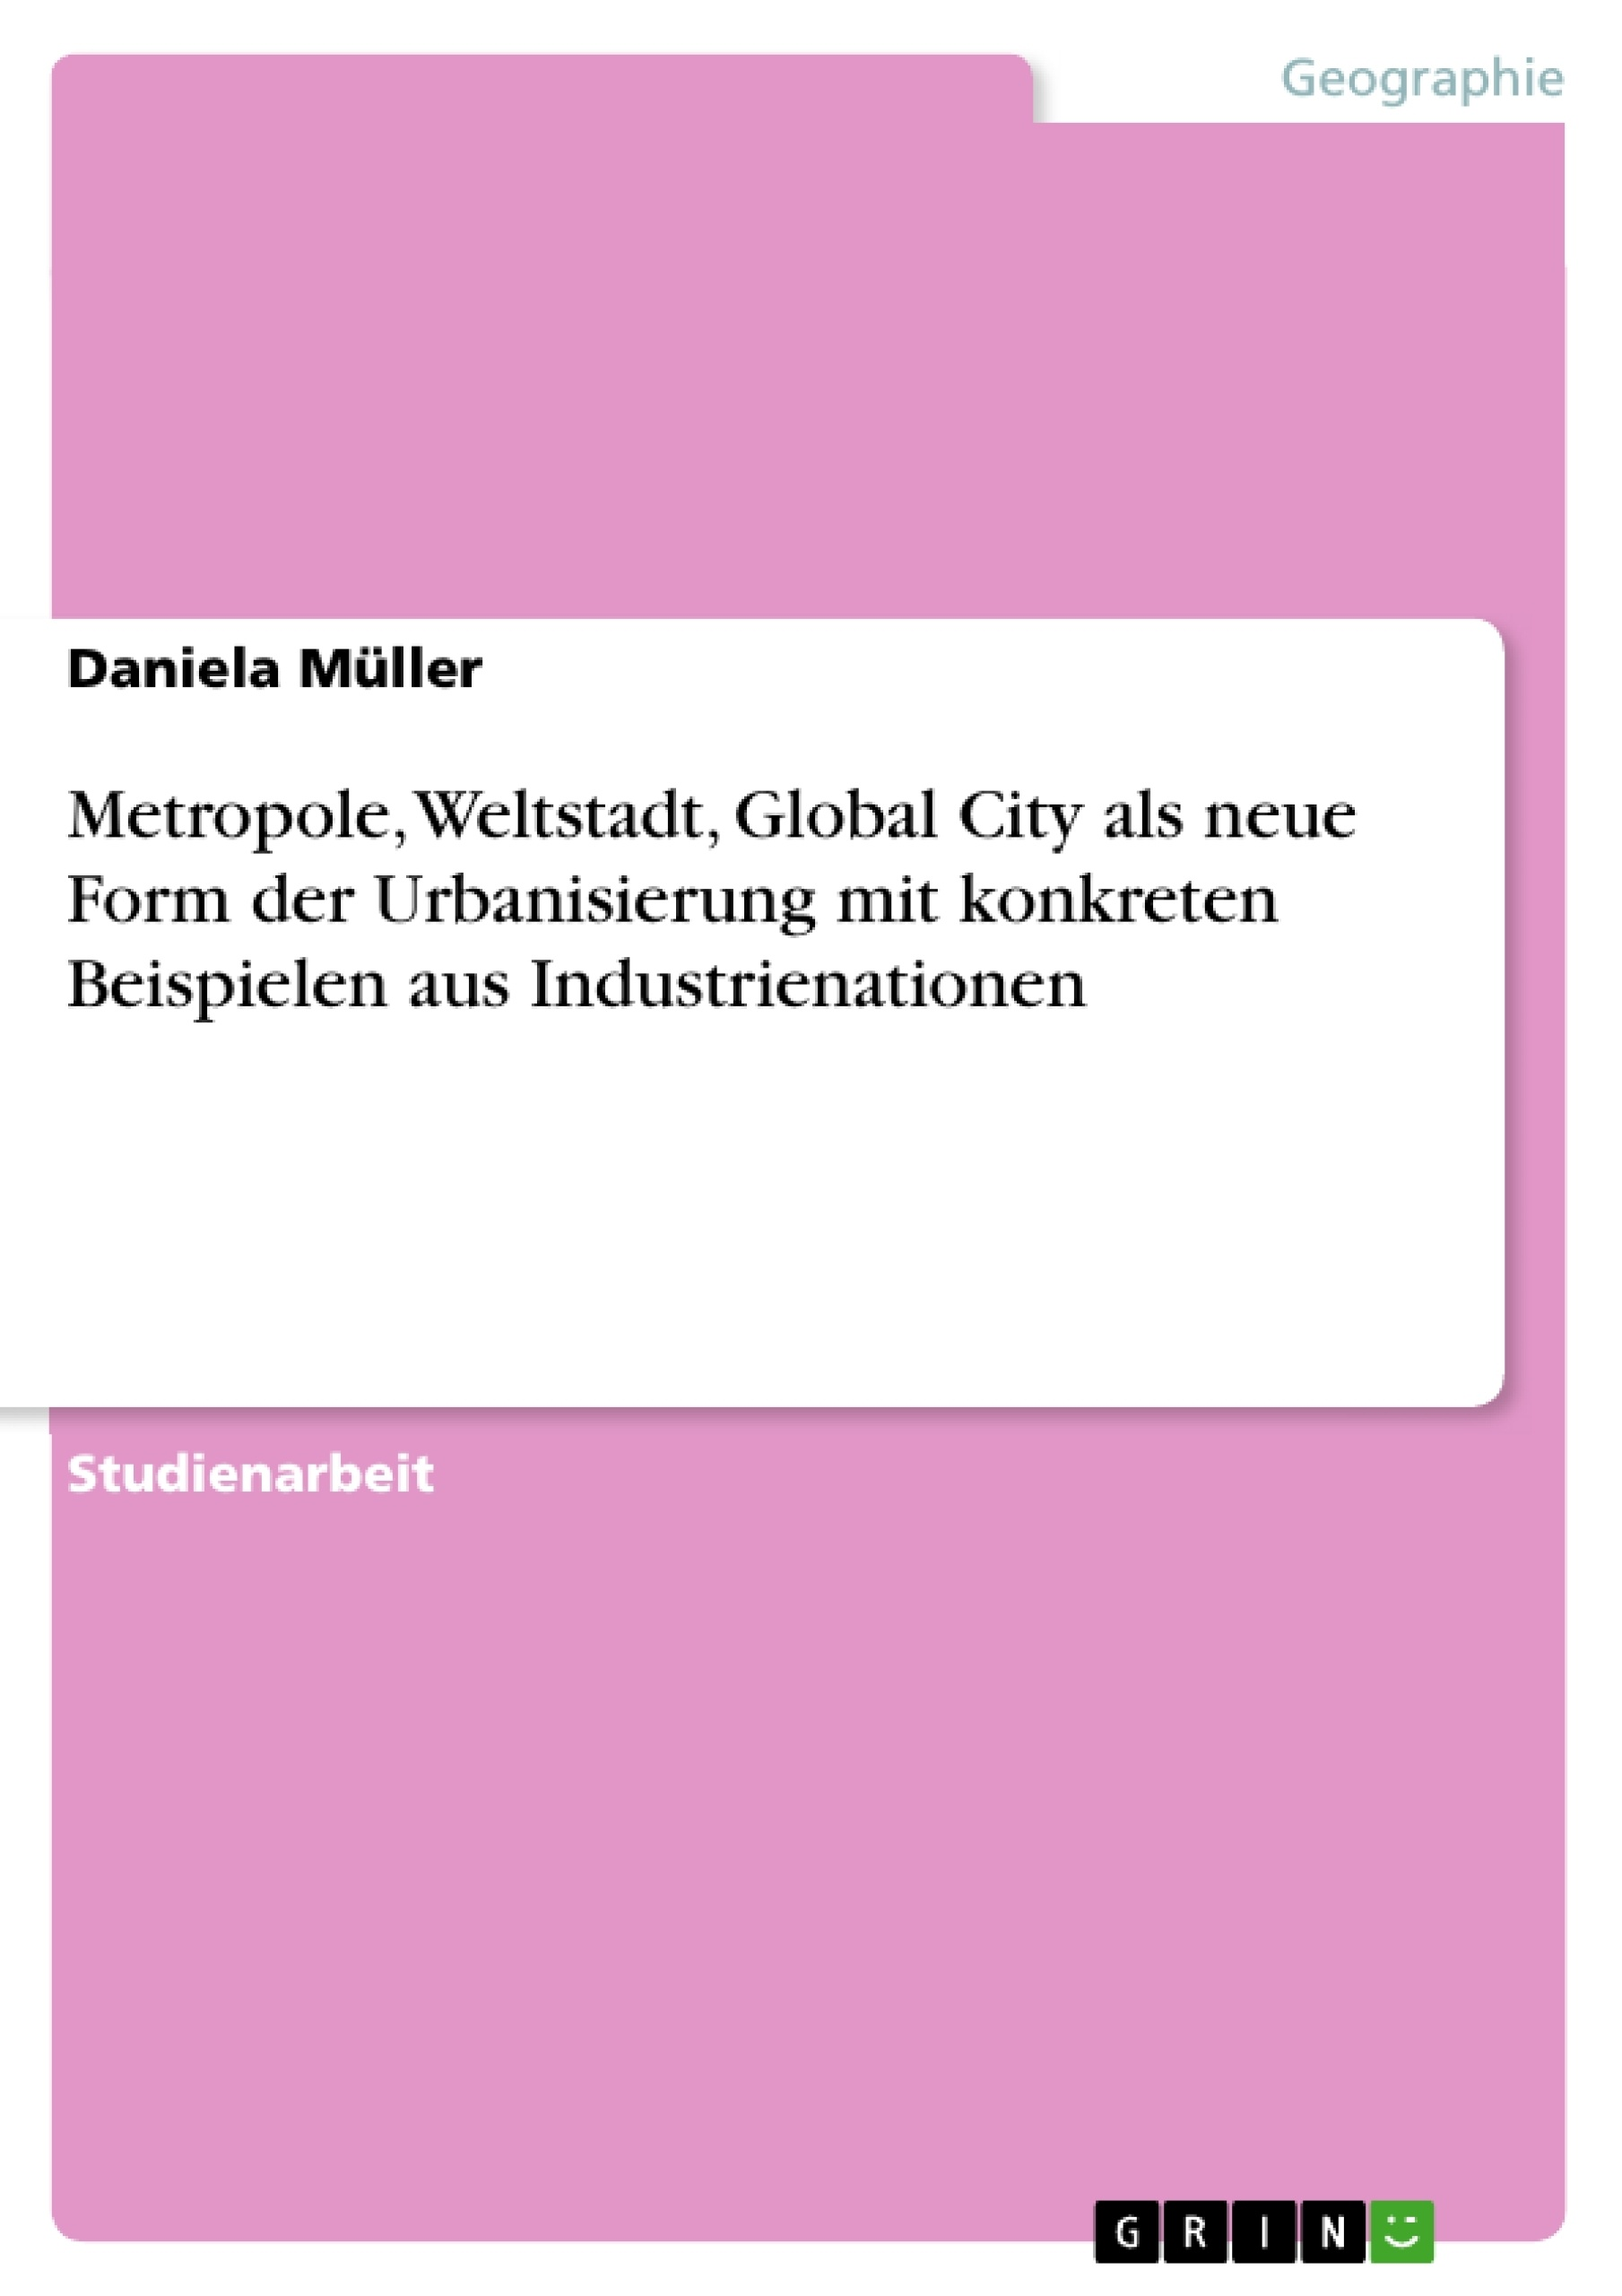 Titel: Metropole, Weltstadt, Global City als neue Form der Urbanisierung mit konkreten Beispielen aus Industrienationen